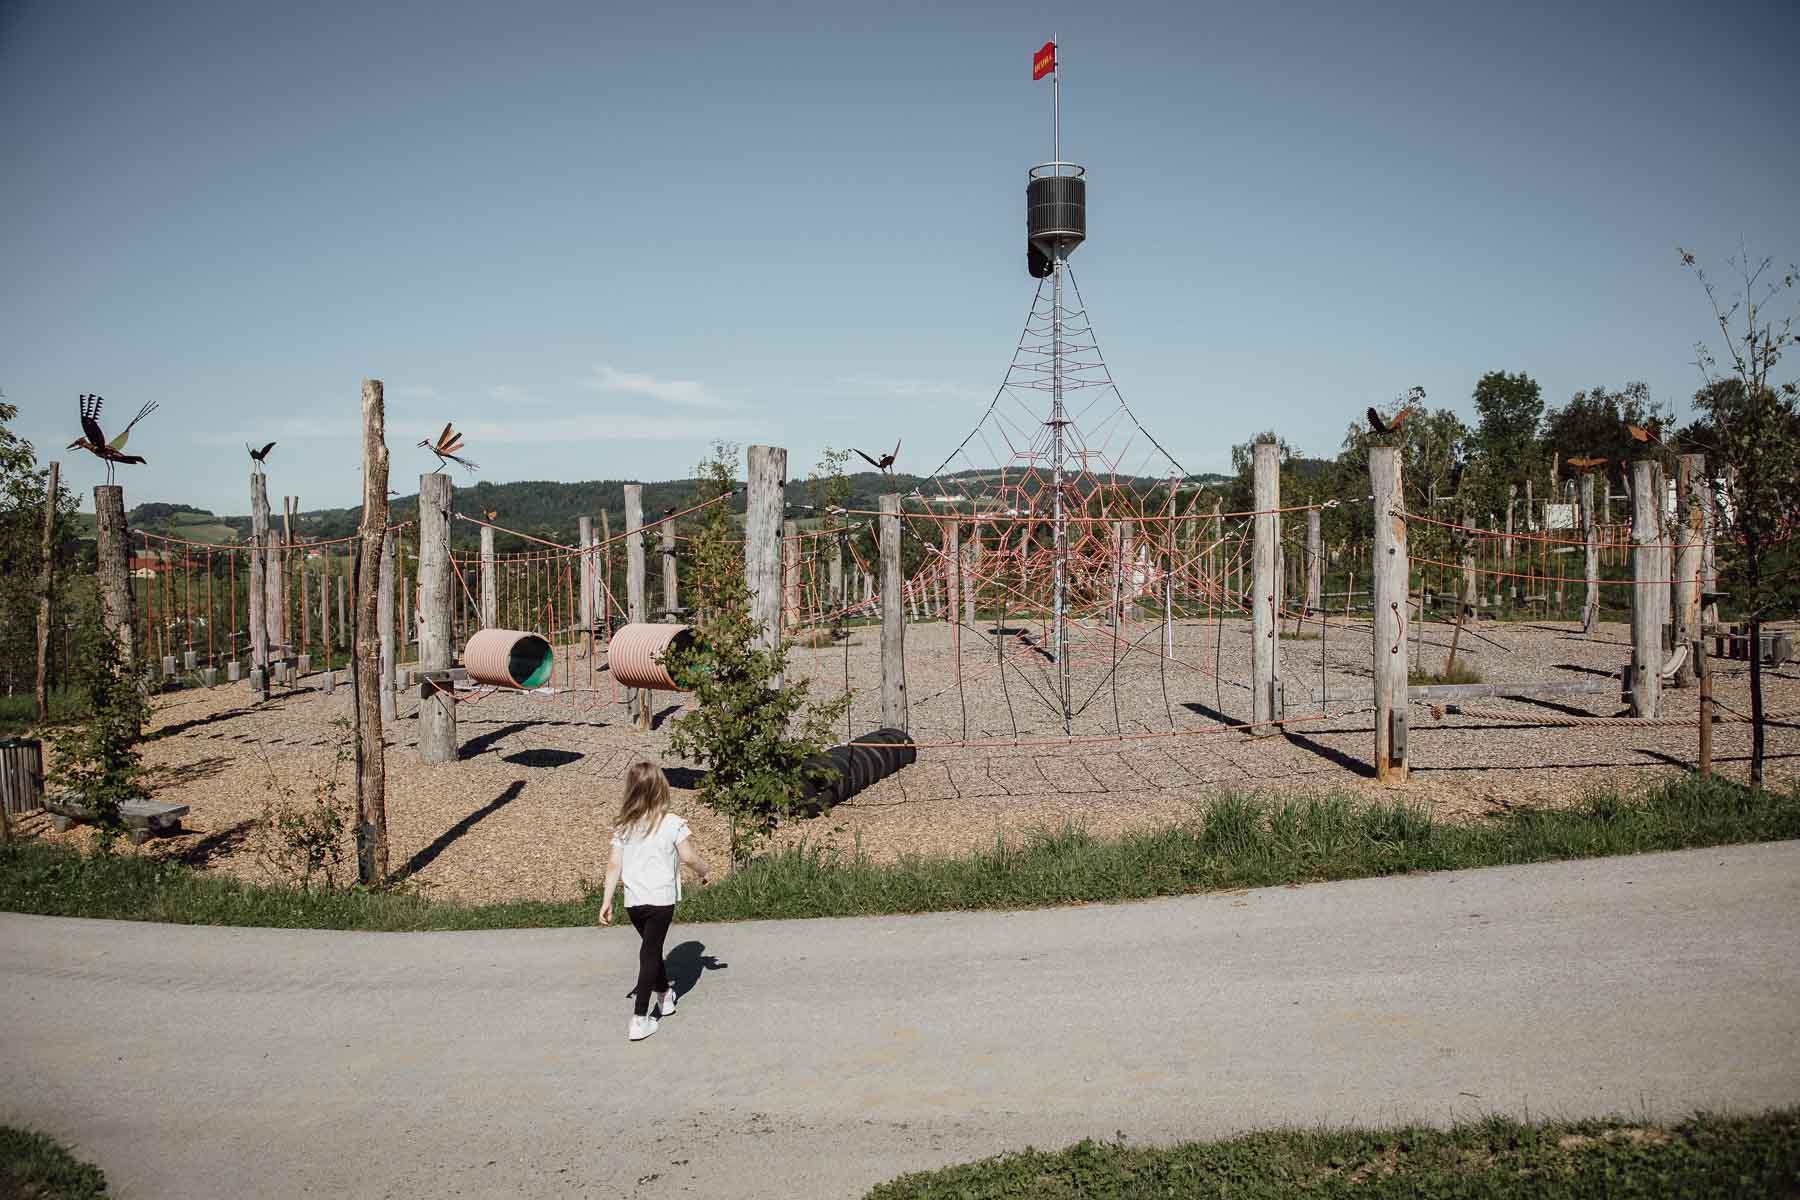 Spielplatz mit Klettermöglichkeiten